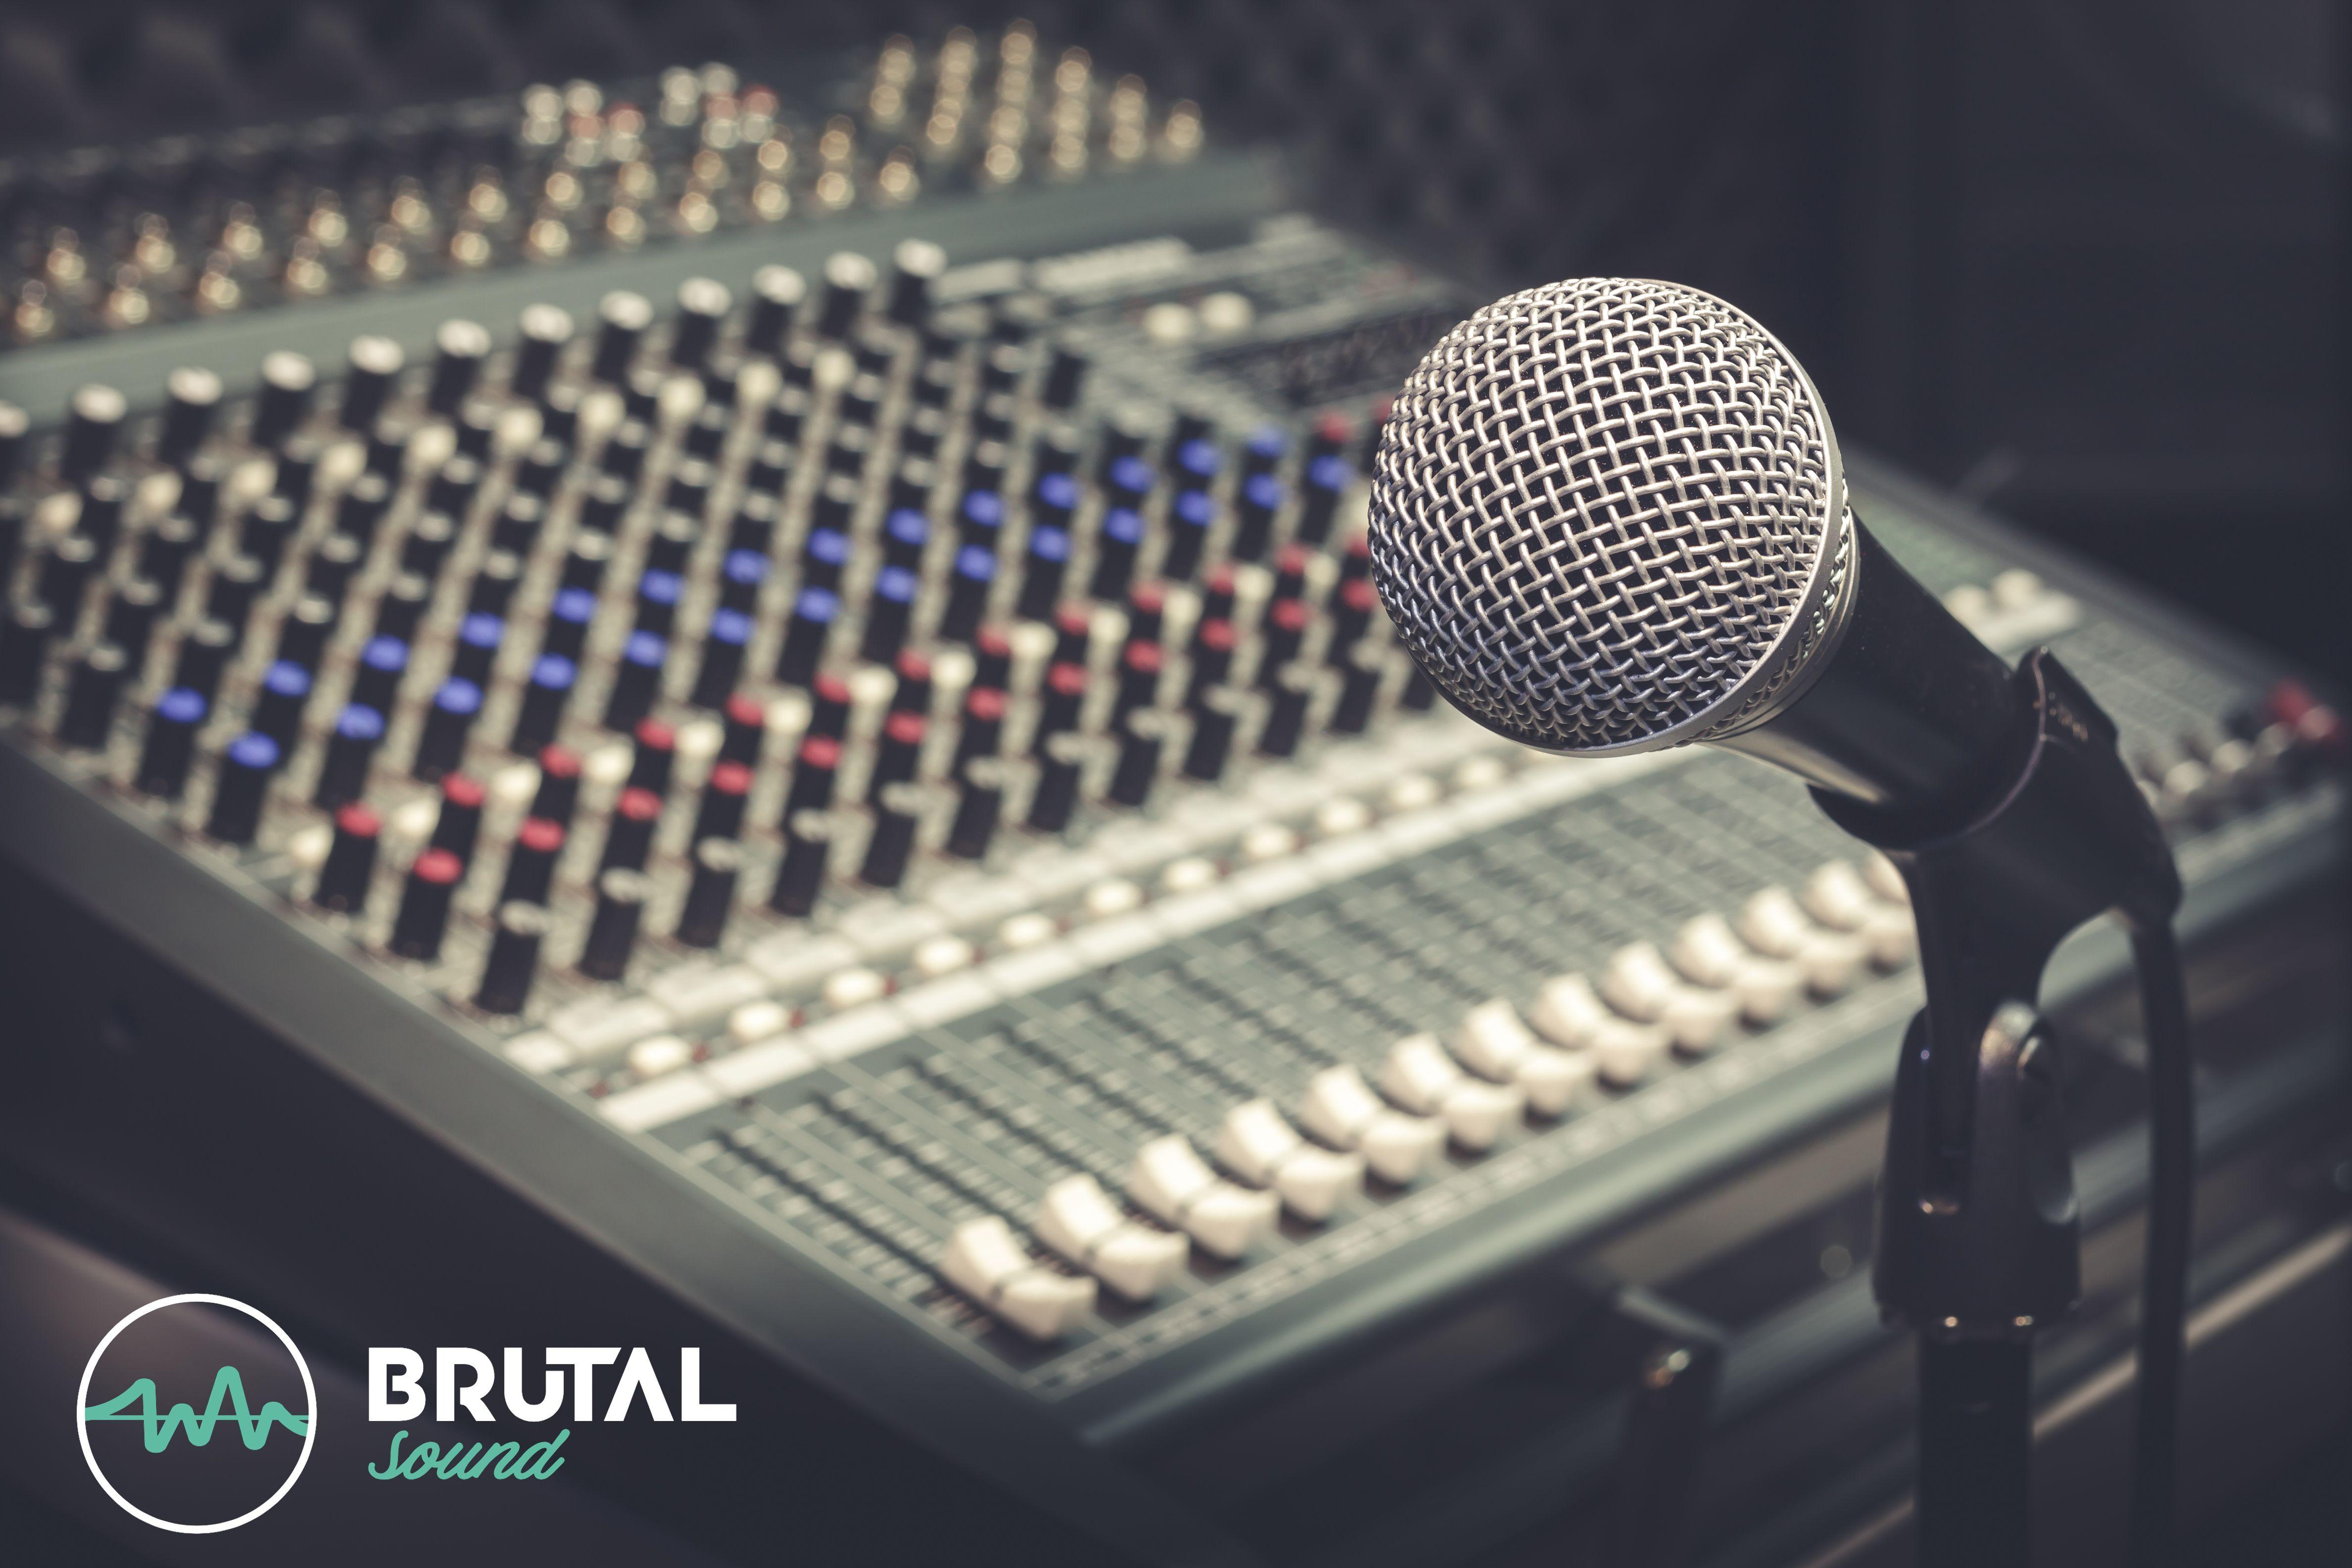 Alquiler de sonido Brutal Show